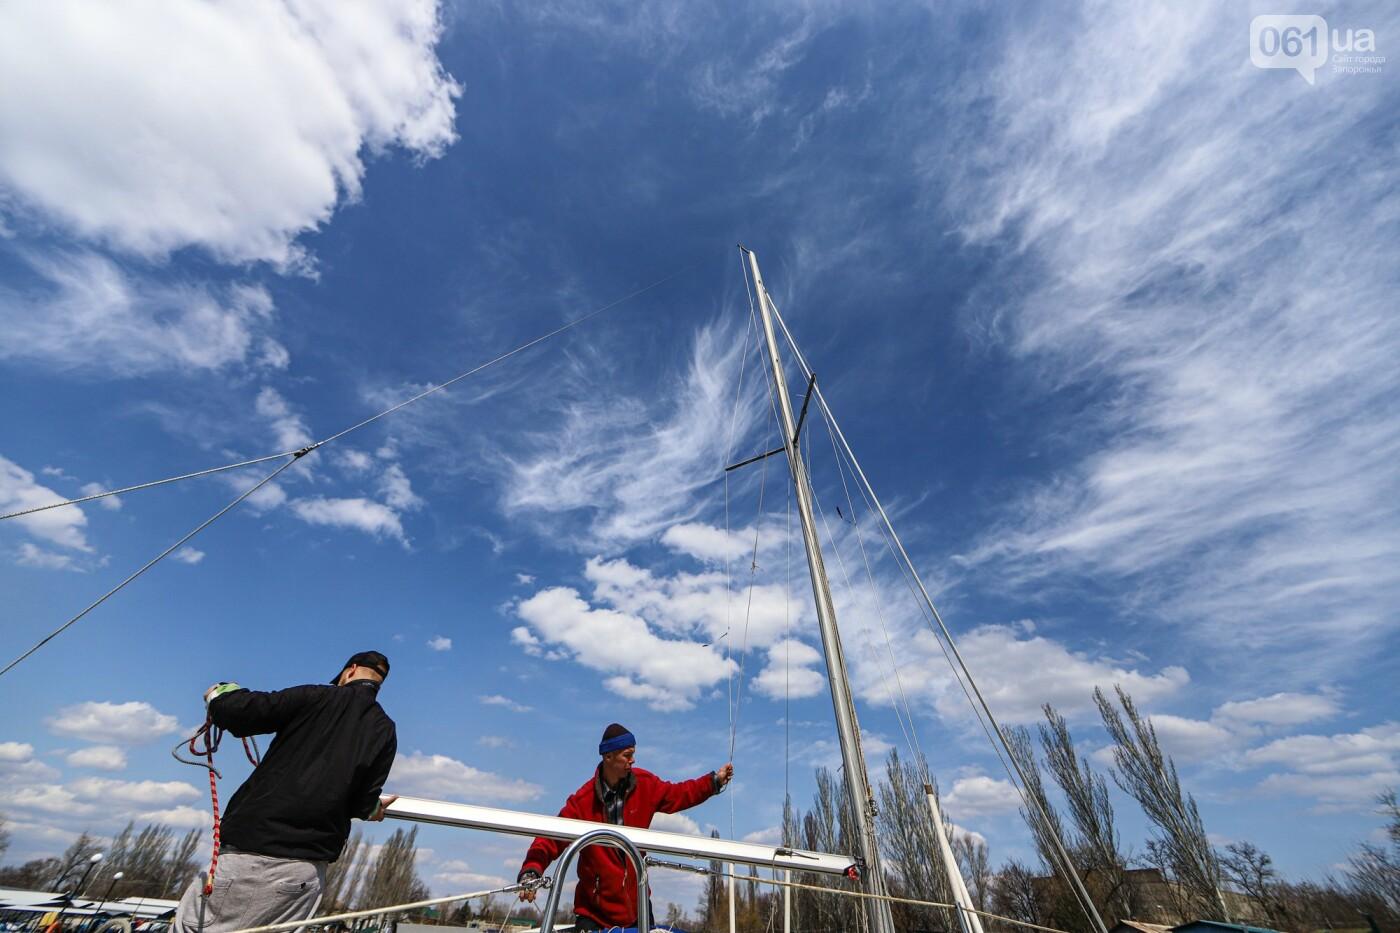 «Семь футов под килем!»: как в запорожском яхт-клубе спускали судна на воду, - ФОТОРЕПОРТАЖ , фото-53